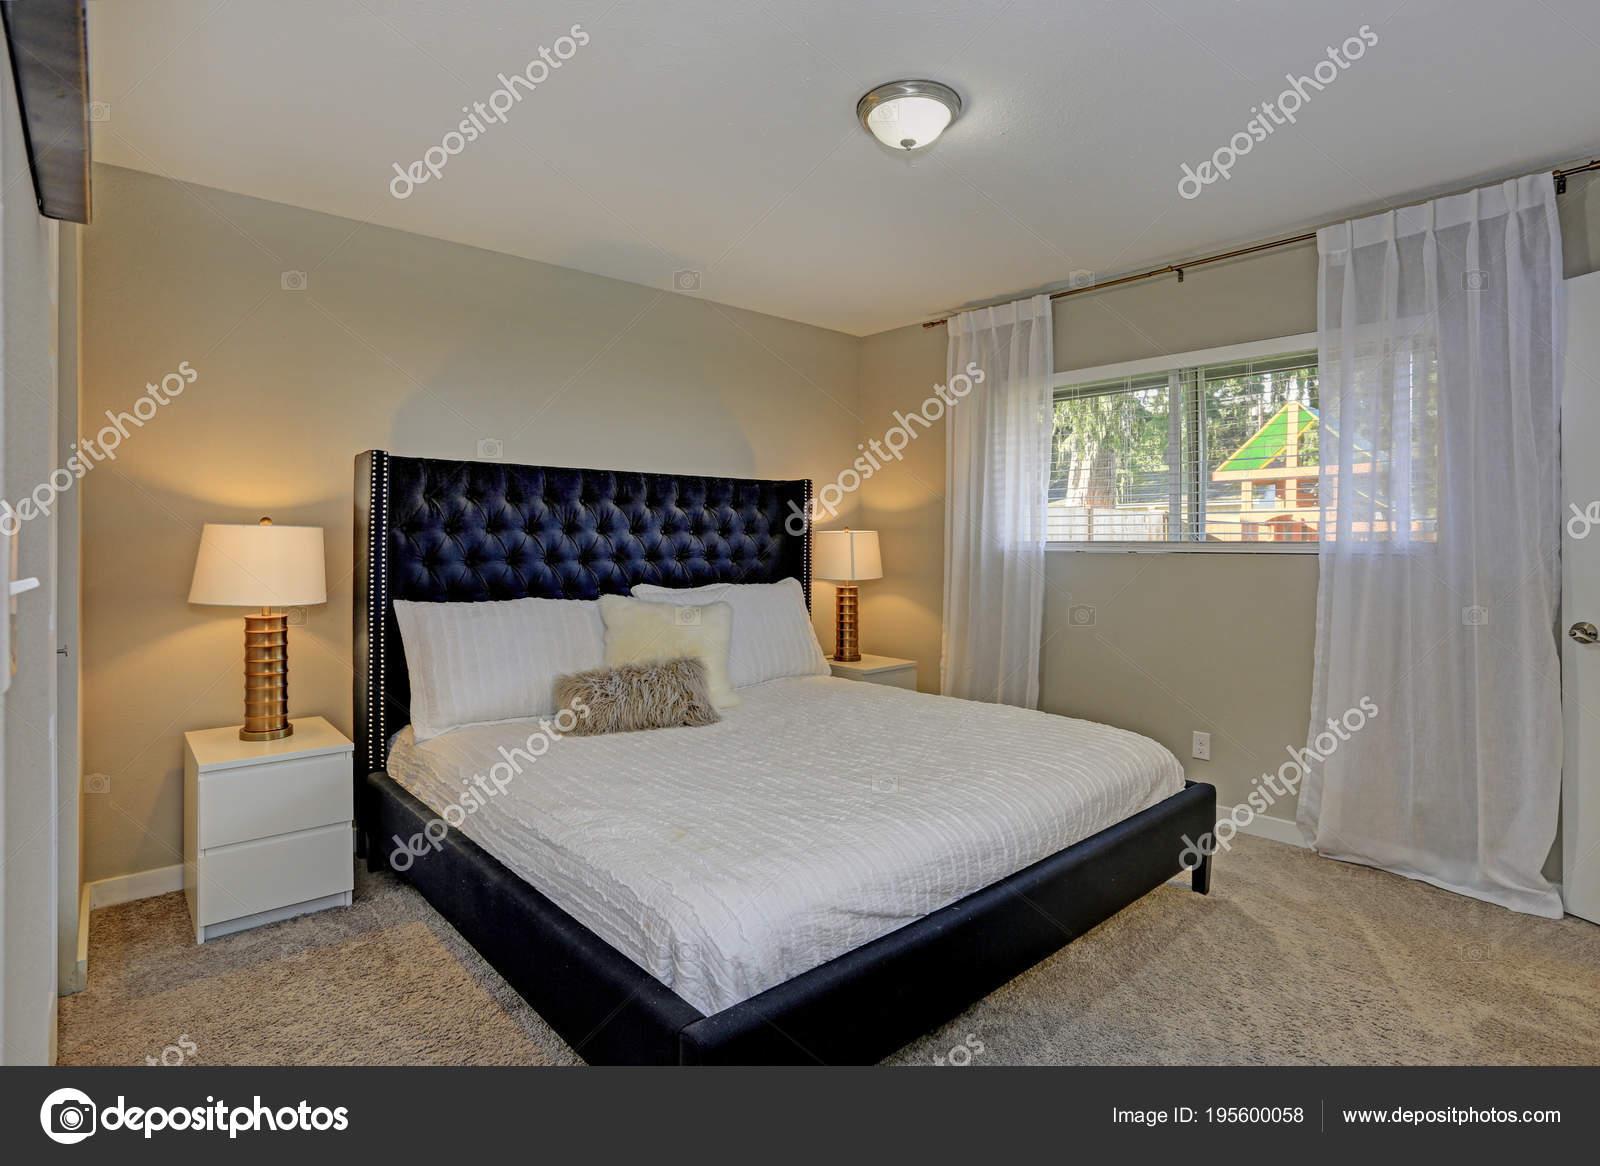 Camera da letto accogliente dispone di un letto di nero e le pareti ...